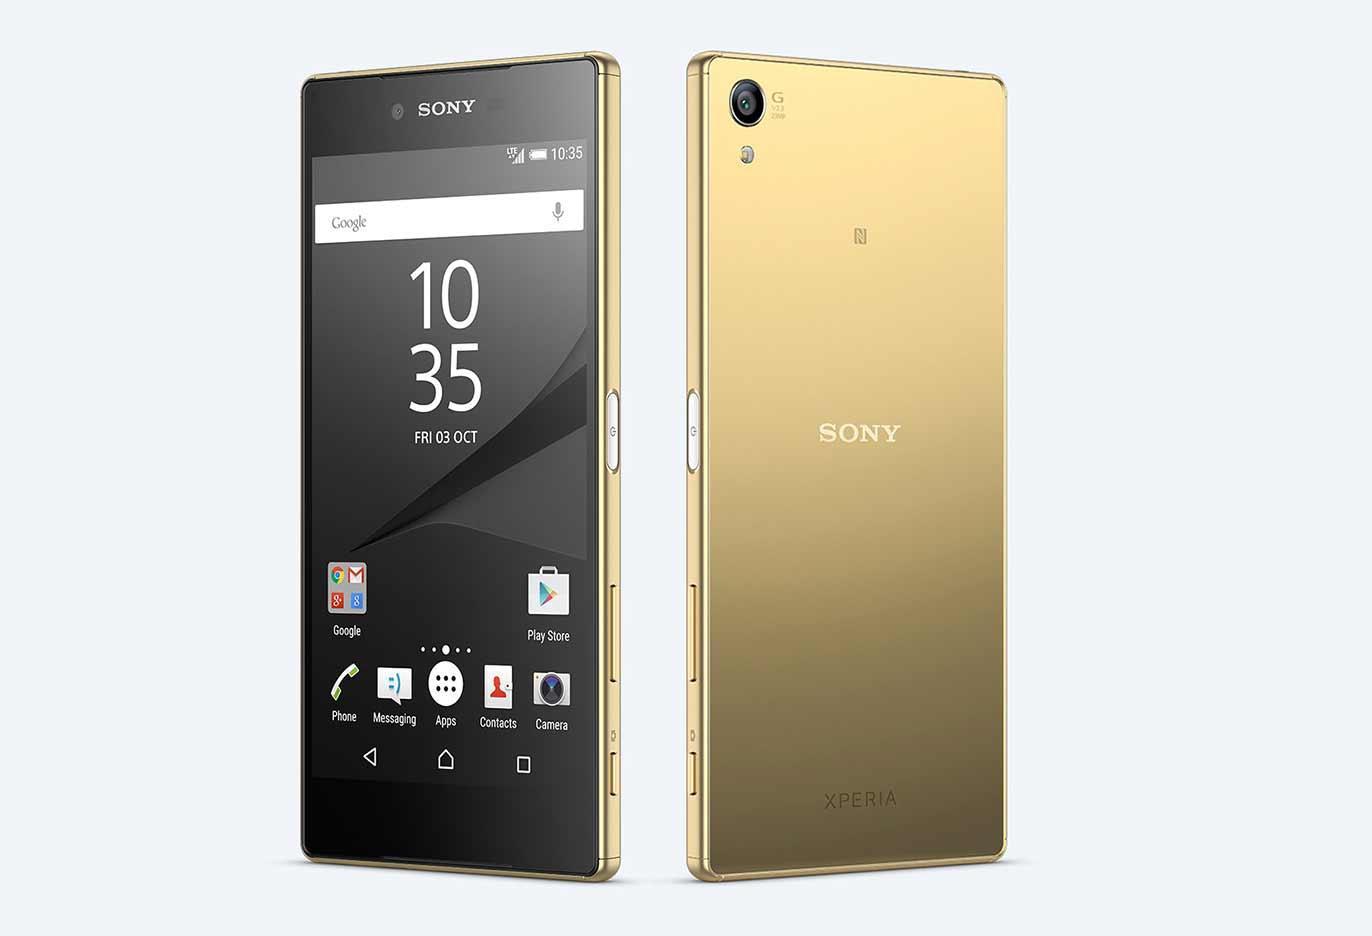 Sony Xperia Z5 Premium Dual-SIM